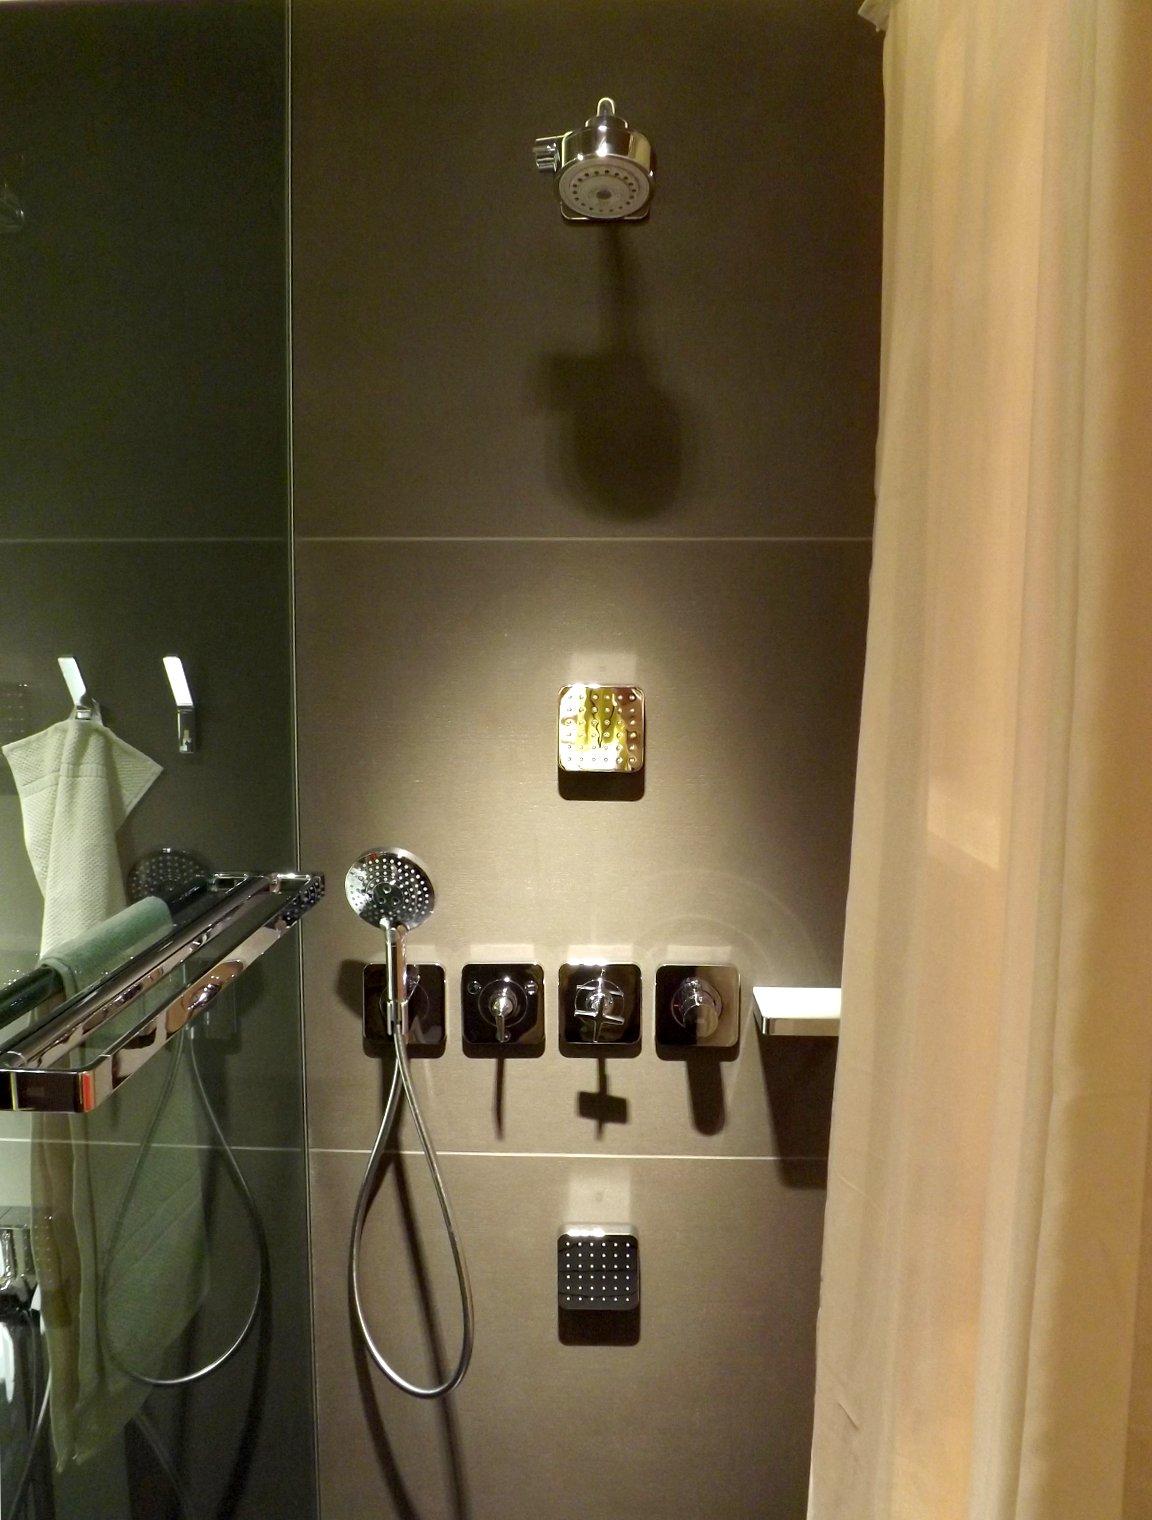 Модные тренды сантехники и аксессуаров для ванной 2016: душевая с системой леек и поручнем на экспозиции от AXOR (Hansgrohe) во время выставки MosBuild